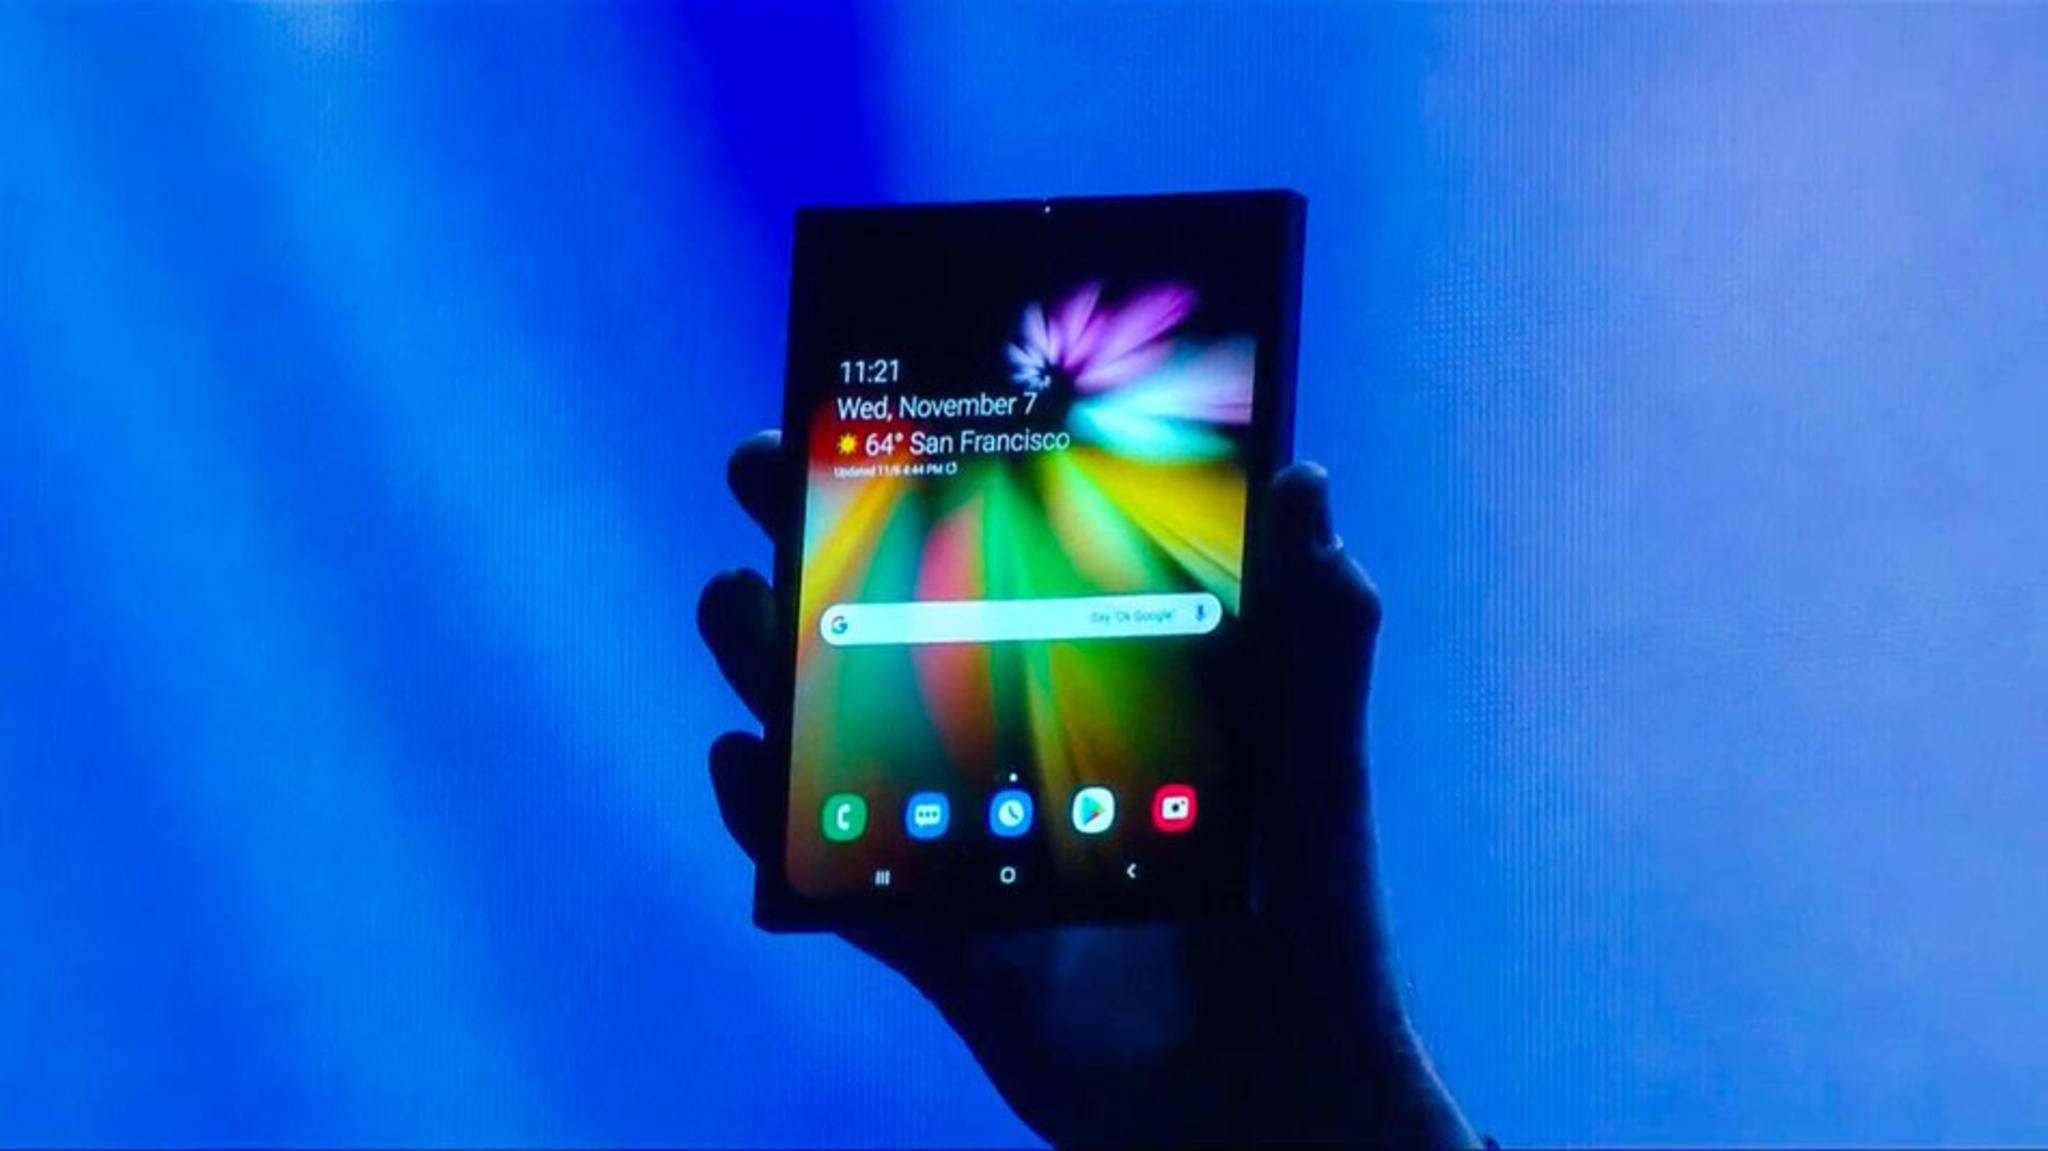 Das Smartphone erreicht im ausgefalteten Zustand die Größe eines Tablets.